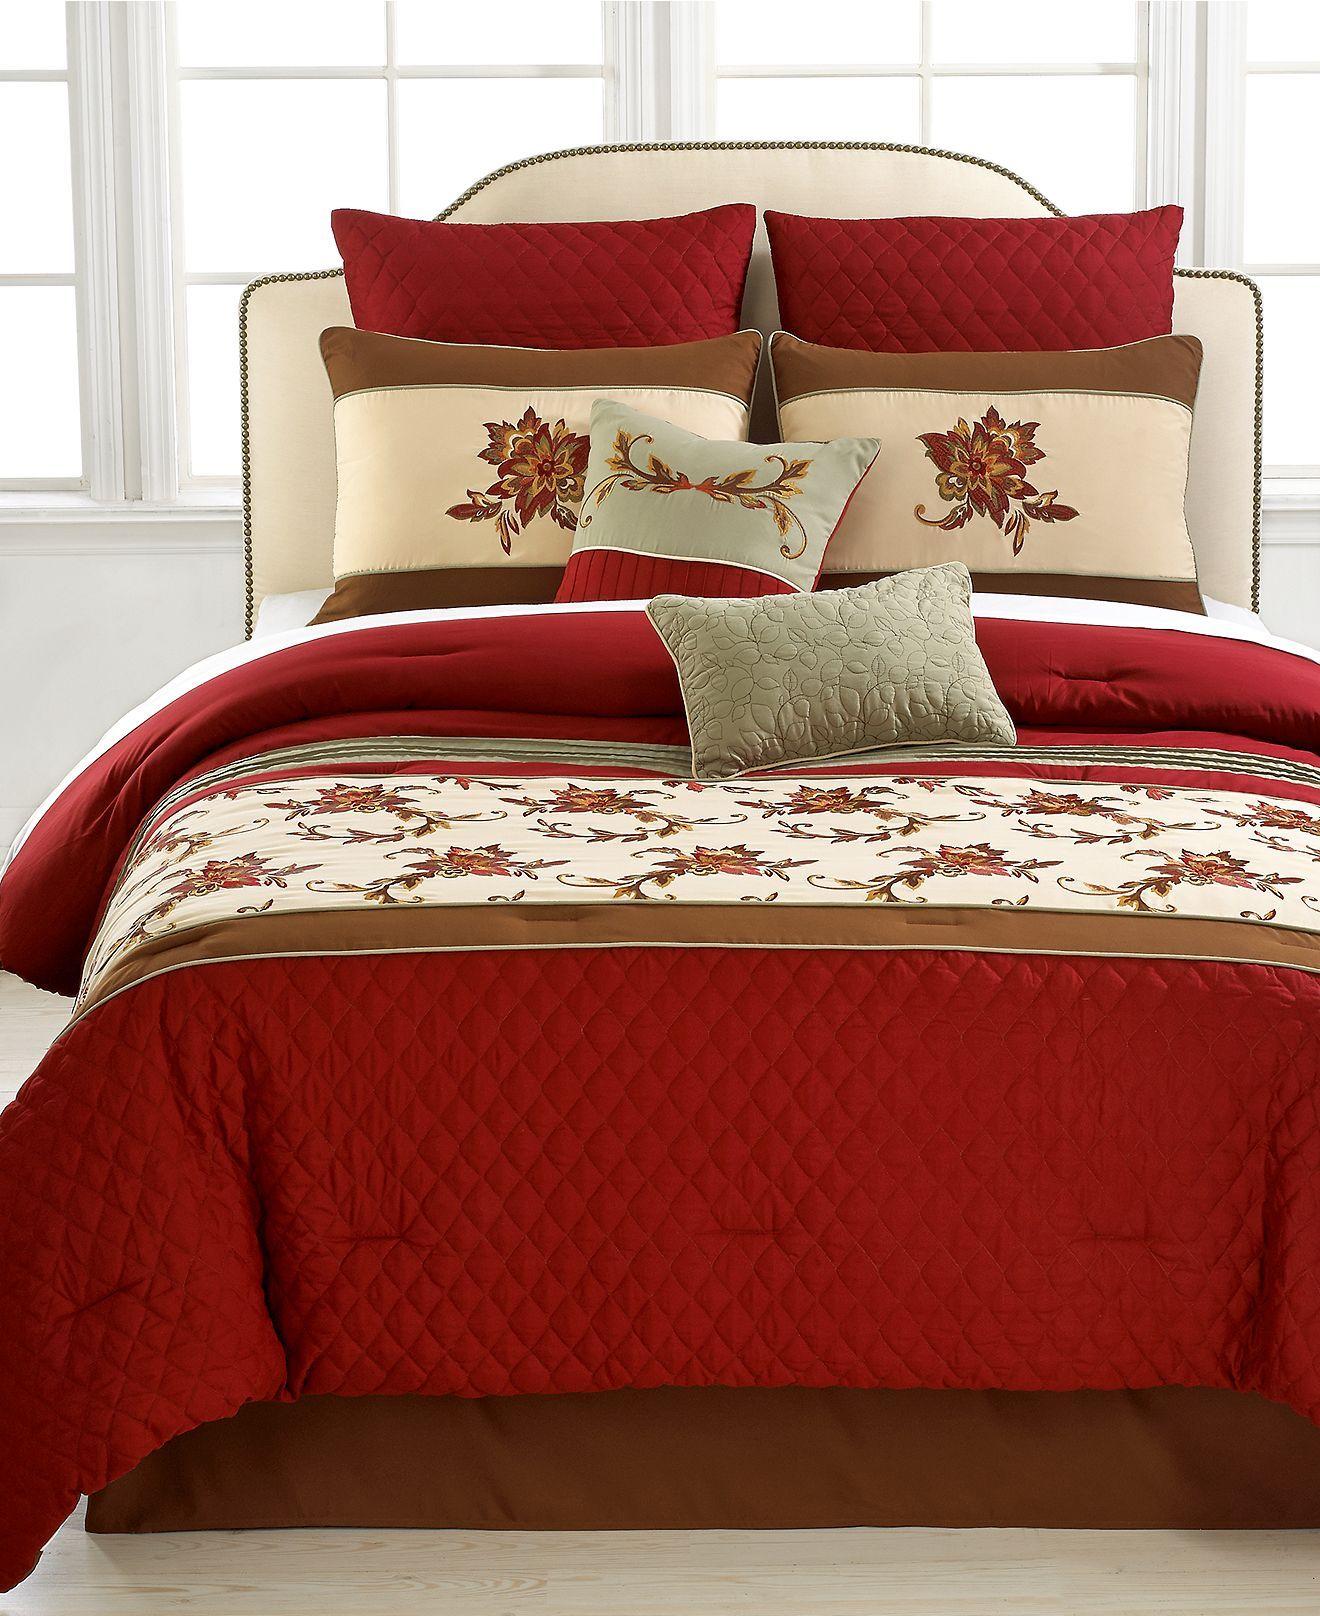 Glendale 8 Piece Comforter Set - Bed in a Bag - Bed & Bath ...